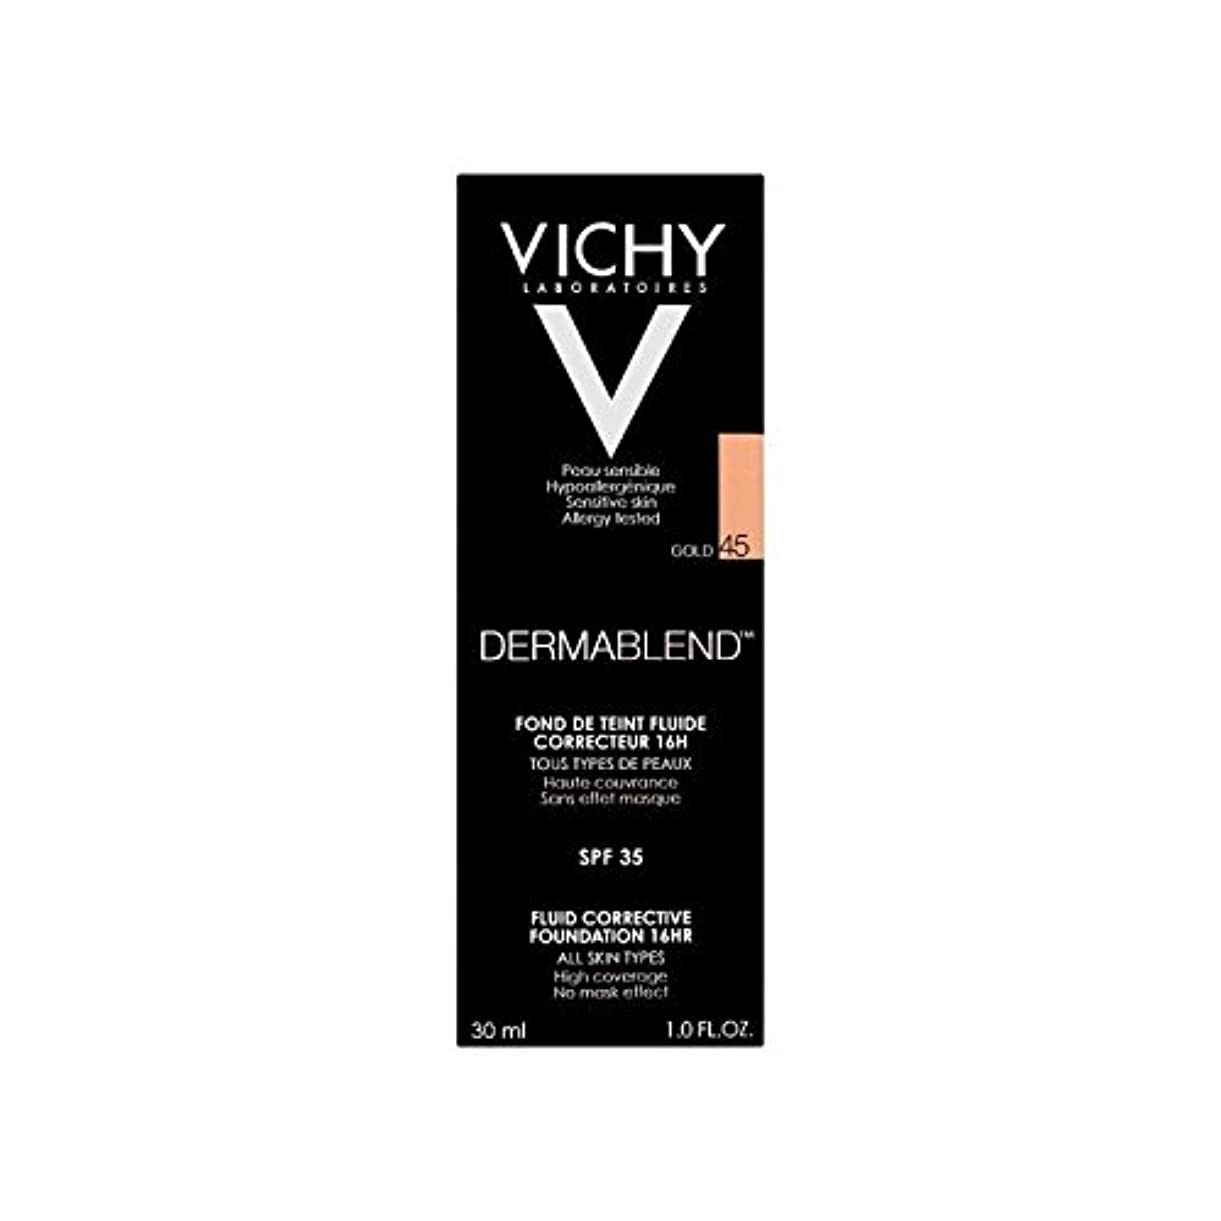 金額告白する先見の明Vichy Dermablend Corrective Fluid Foundation 30ml Gold 45 - ヴィシー是正流体の基礎30ミリリットル金45 [並行輸入品]